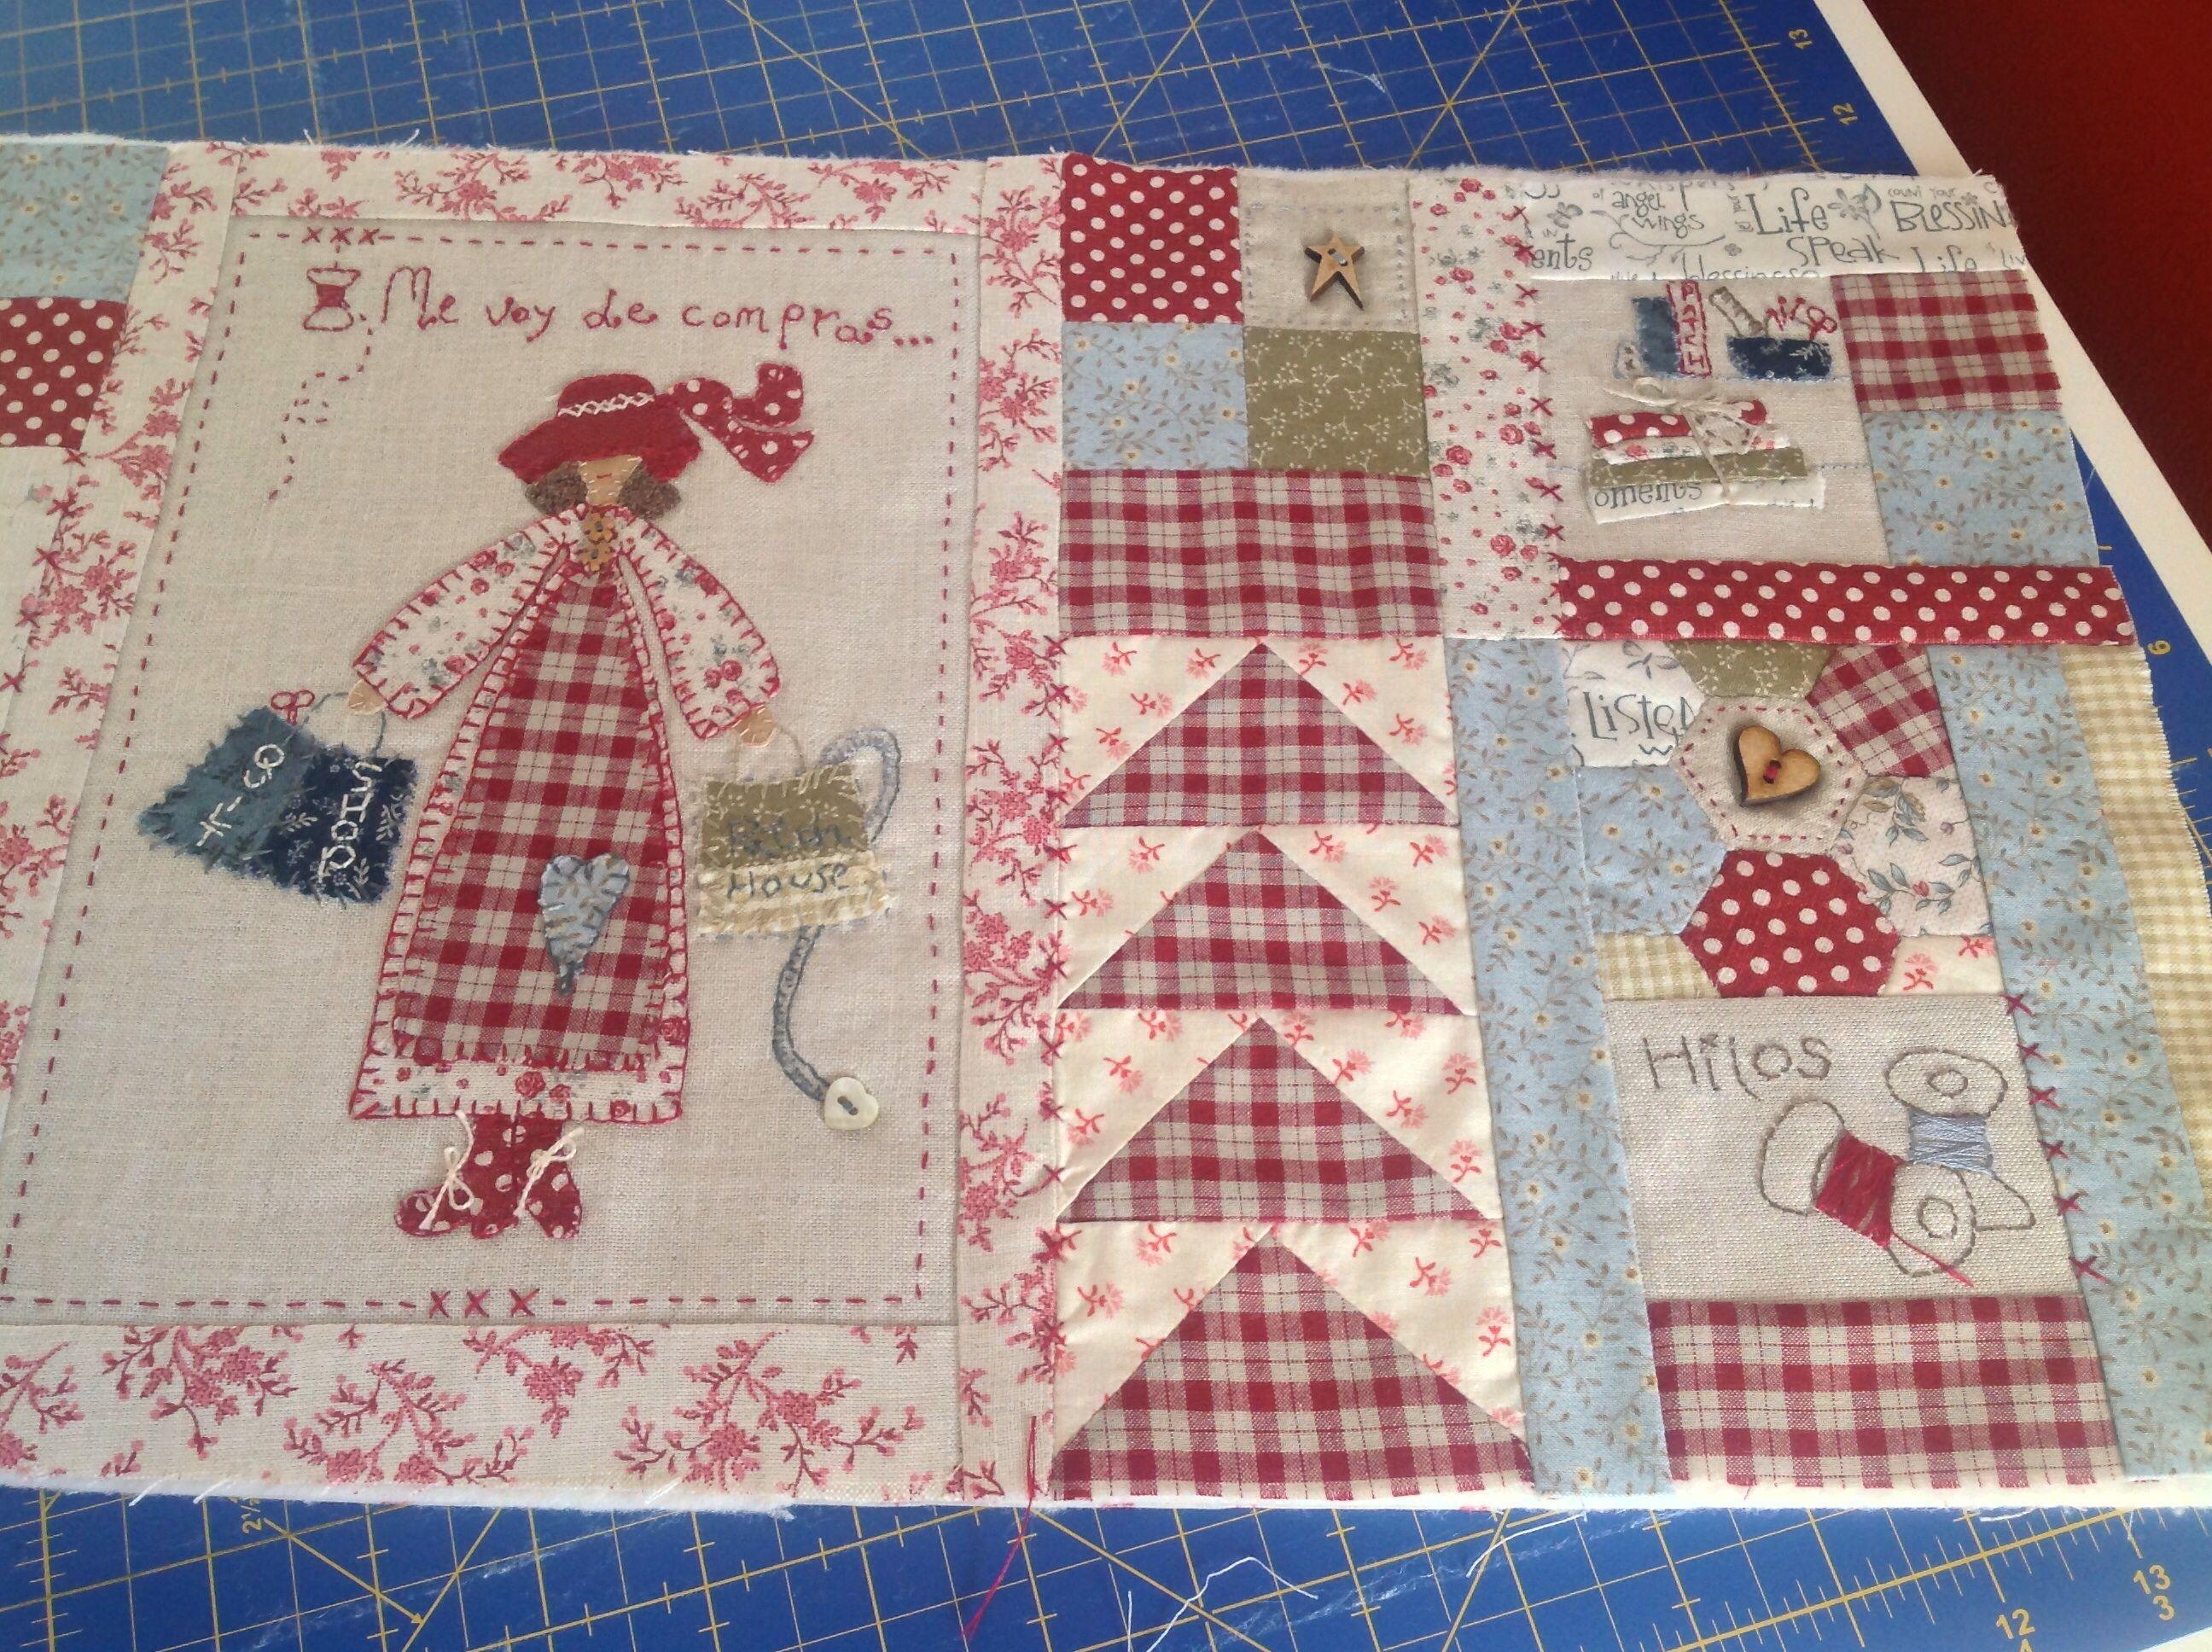 Esther se va de compras proyecto mini quilt cose y calla - Proyectos de patchwork ...